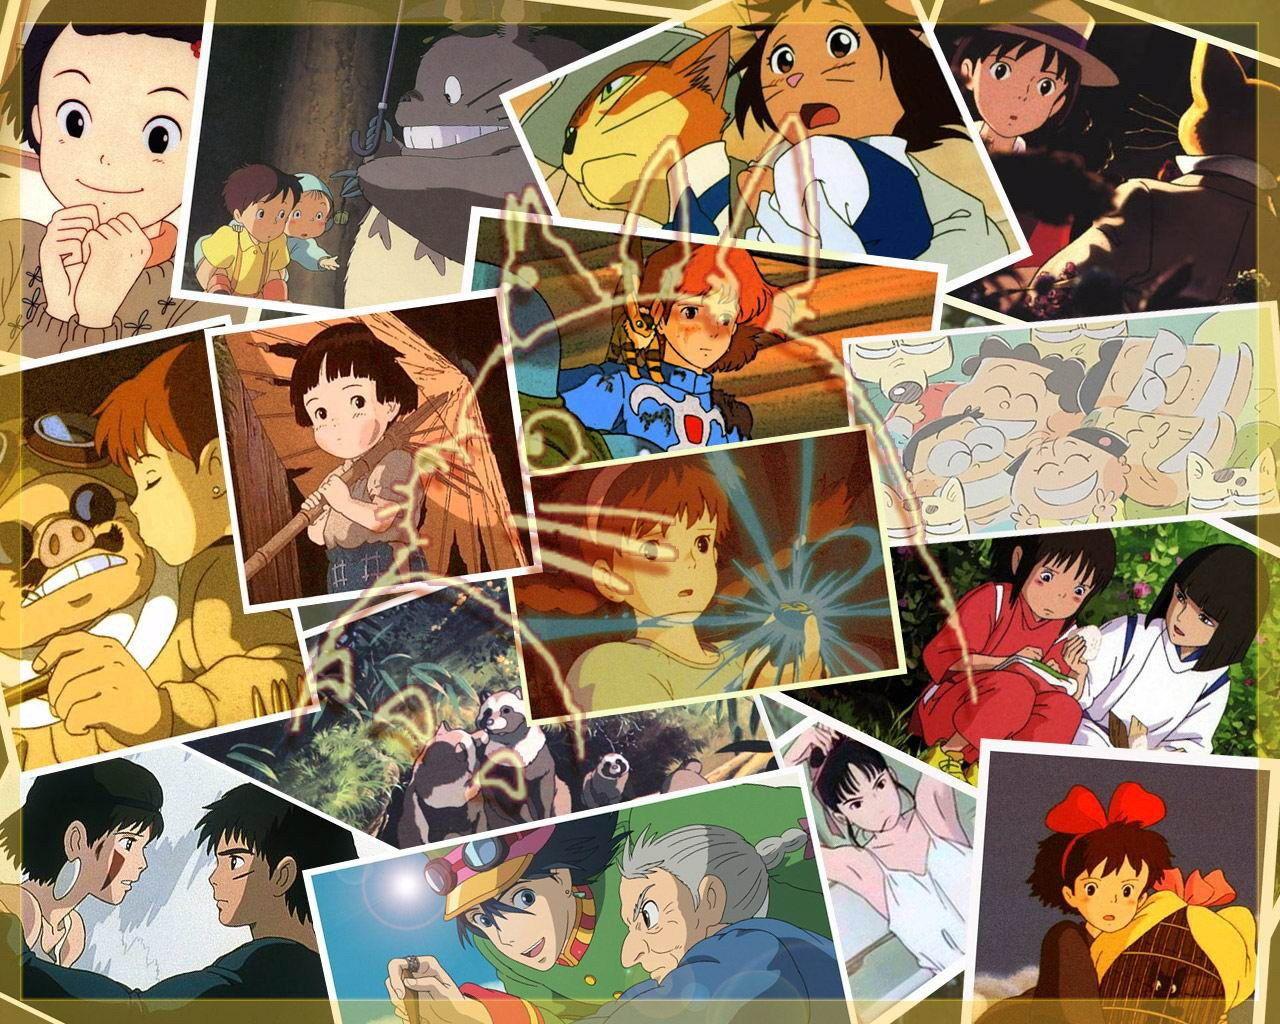 あなたの一番すきなジブリ映画は いよいよ最新作公開ですね 宮崎駿 スタジオジブリ ジブリ